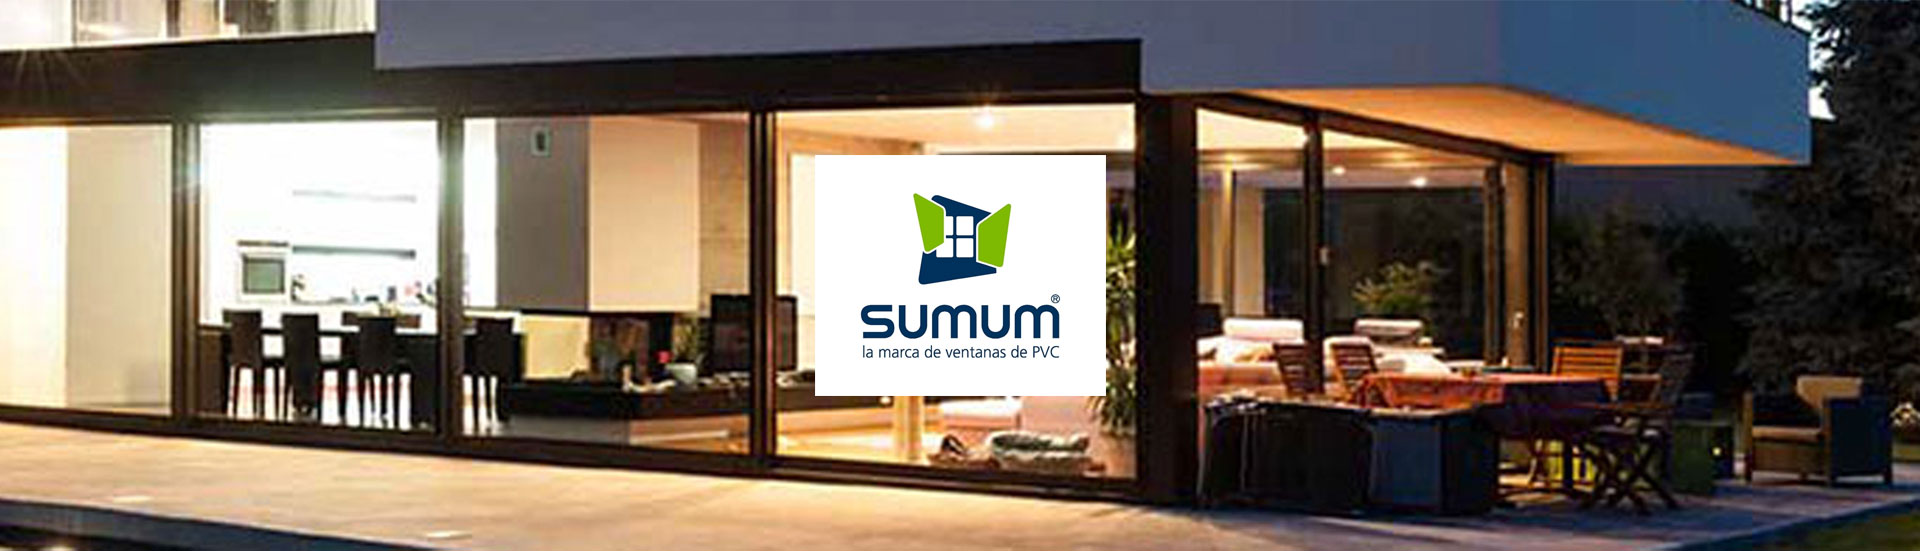 Sumum